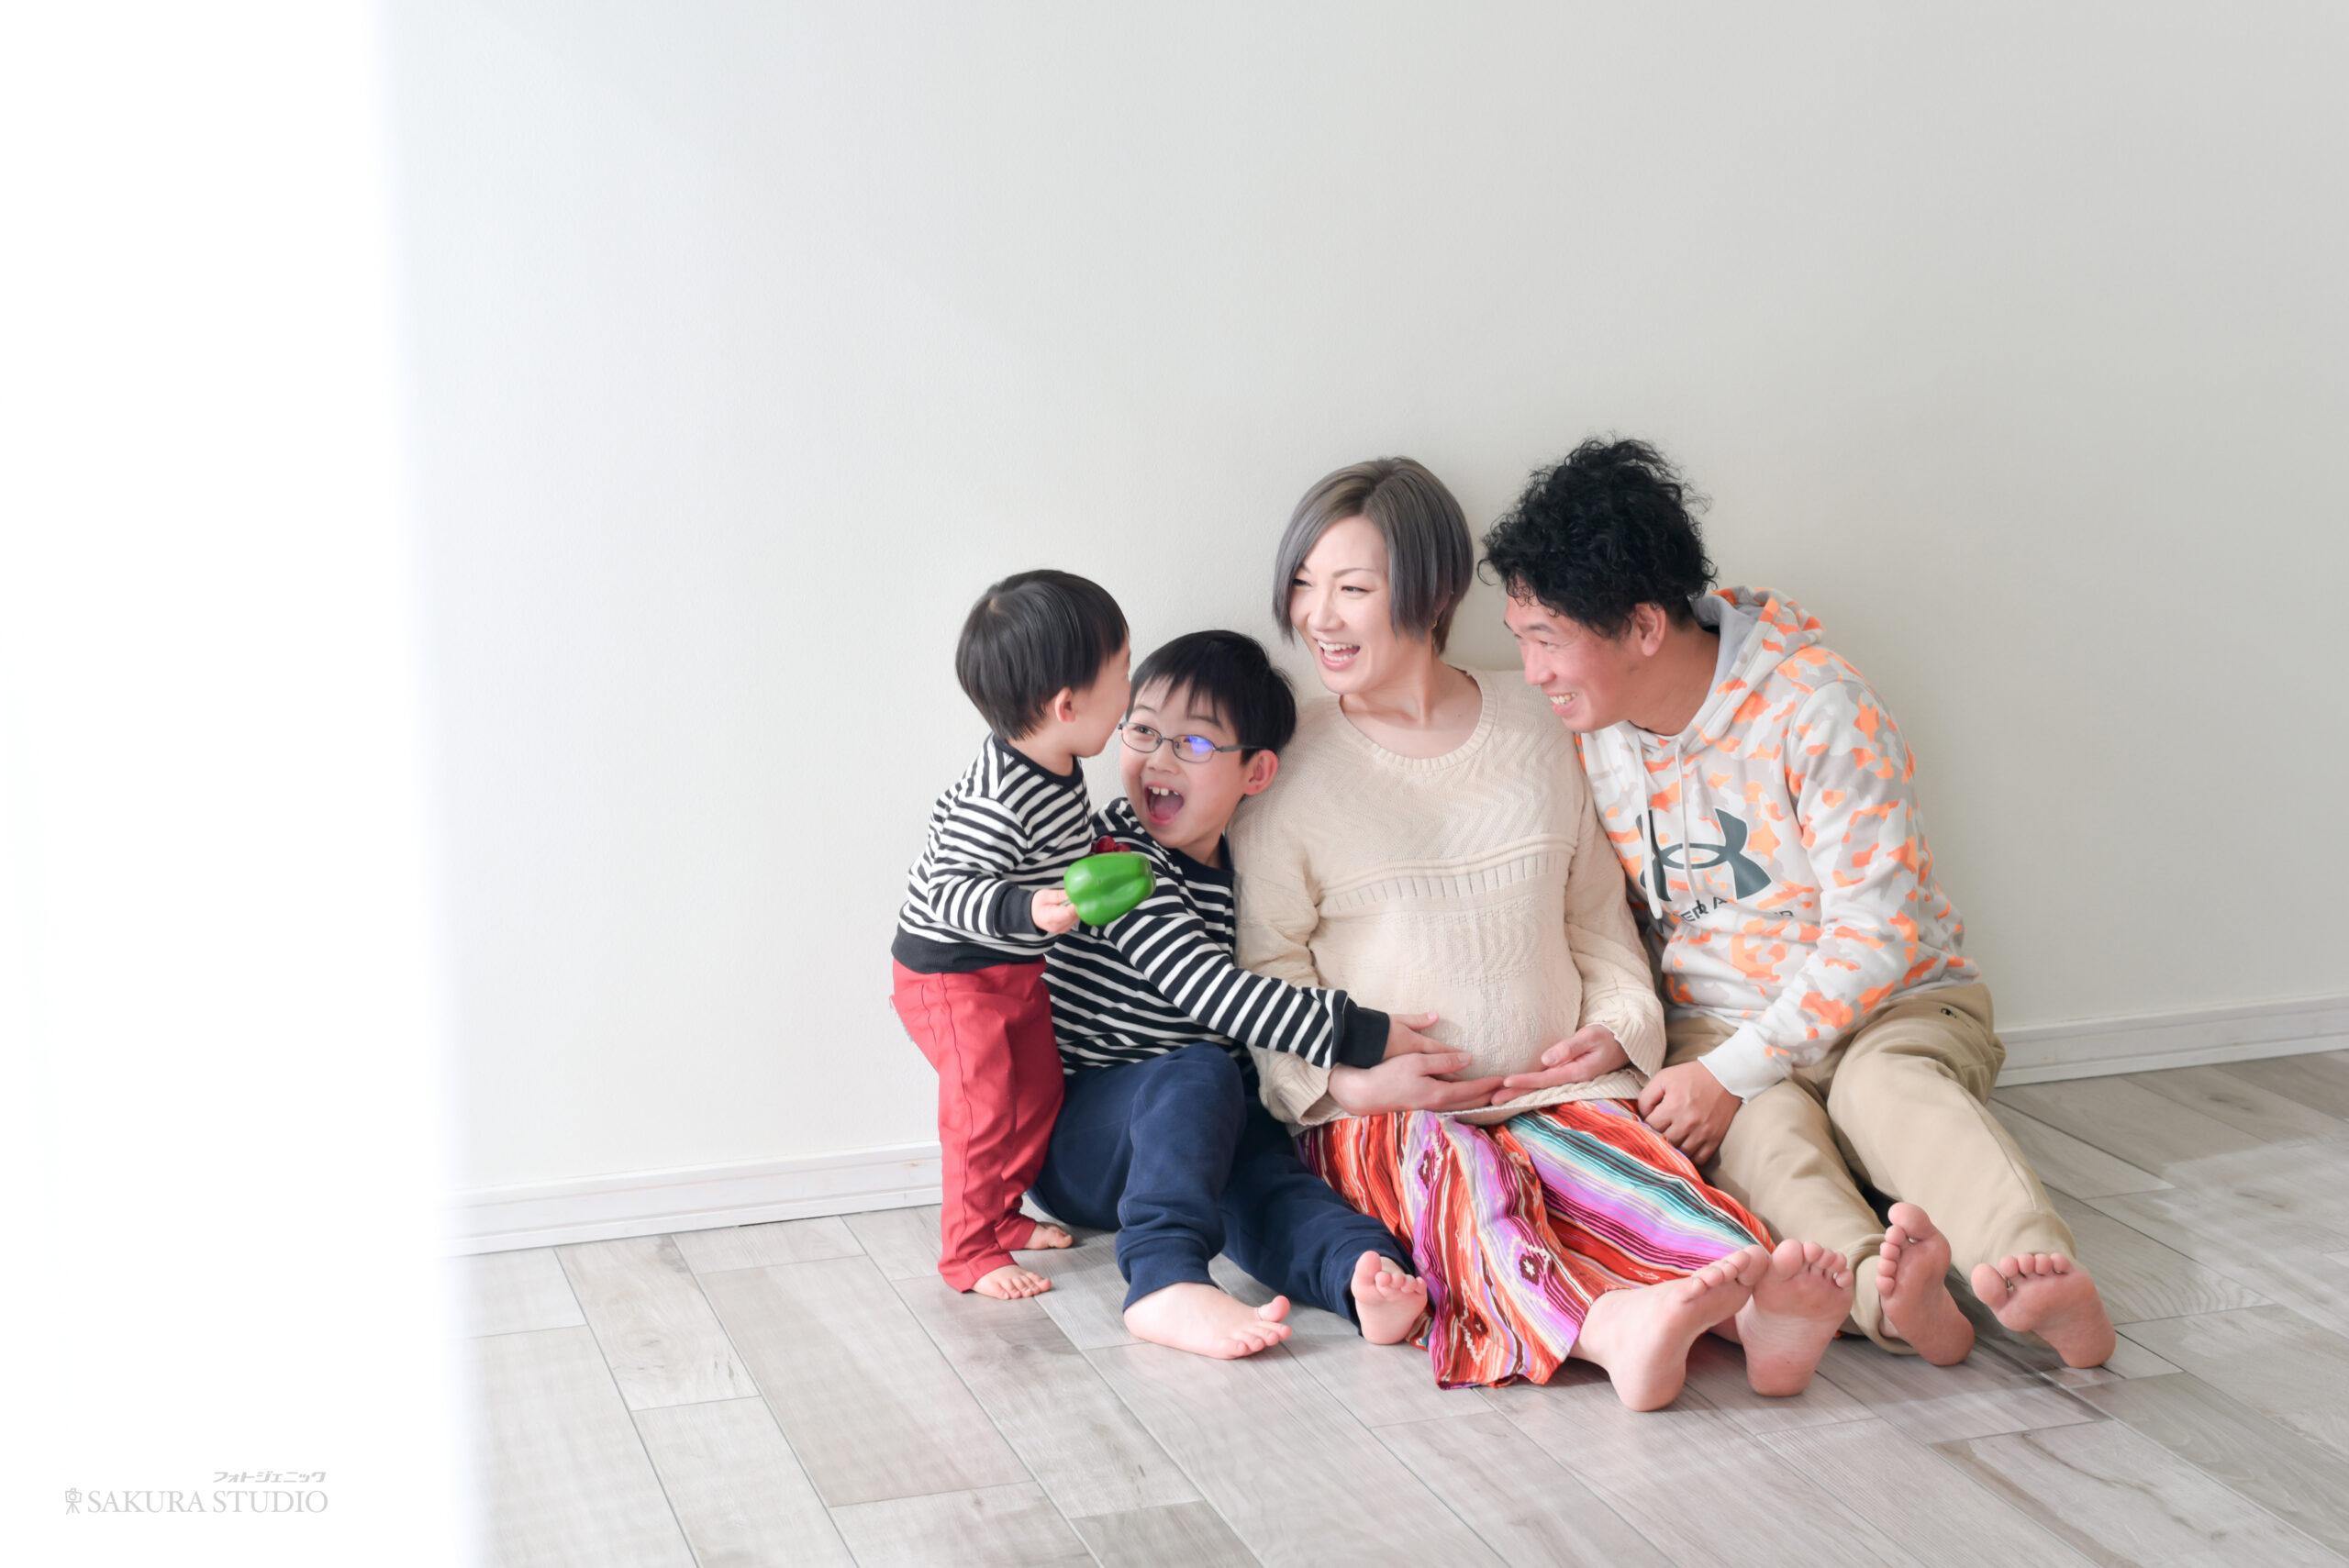 マタニティ 家族写真 1歳の子供に3人が話しかけている